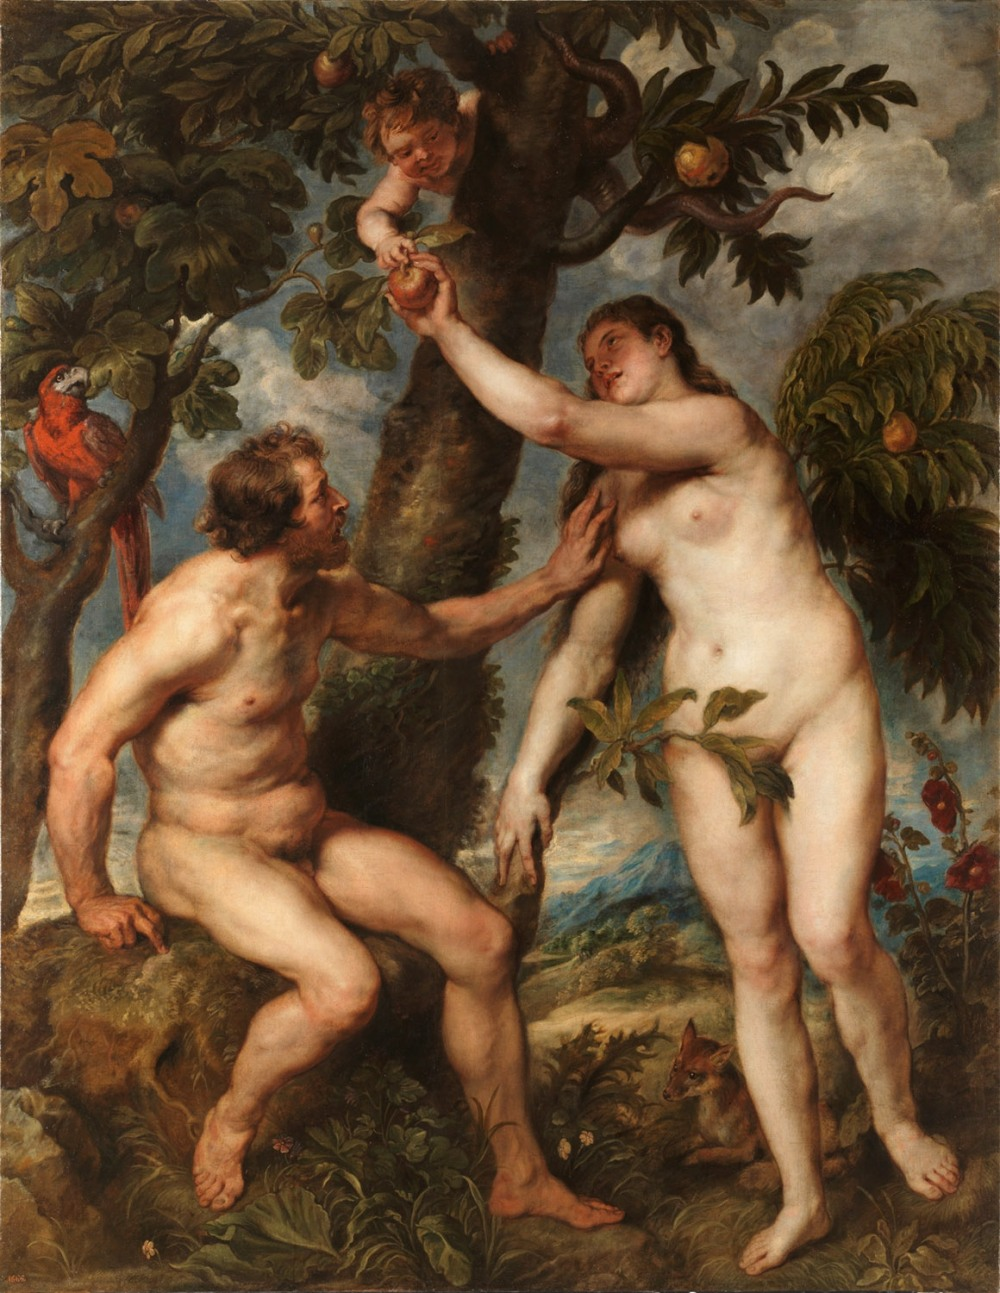 Rubens (Copia de Tiziano)Adán y Eva.j 1628-1629. Museo Nacional del Prado. Madrid.